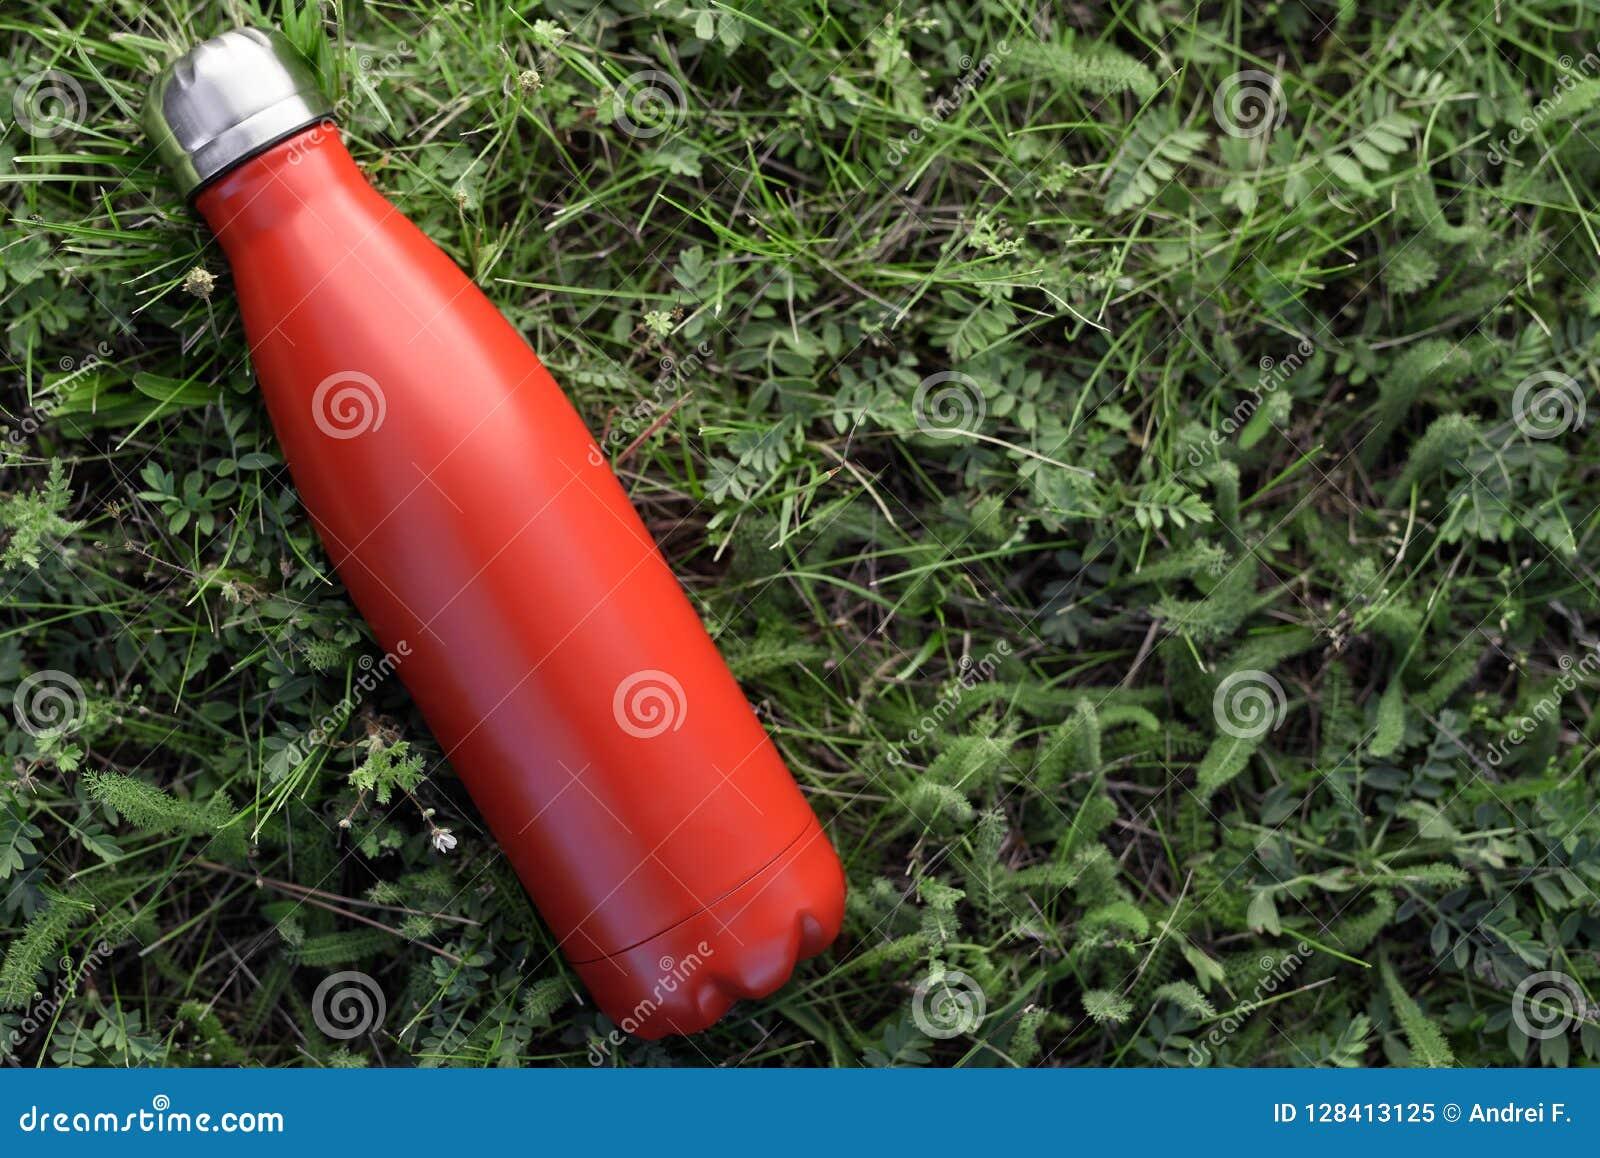 Rostfreie Flaschenthermosflasche, rote Farbe Auf dem Hintergrund des grünen Grases